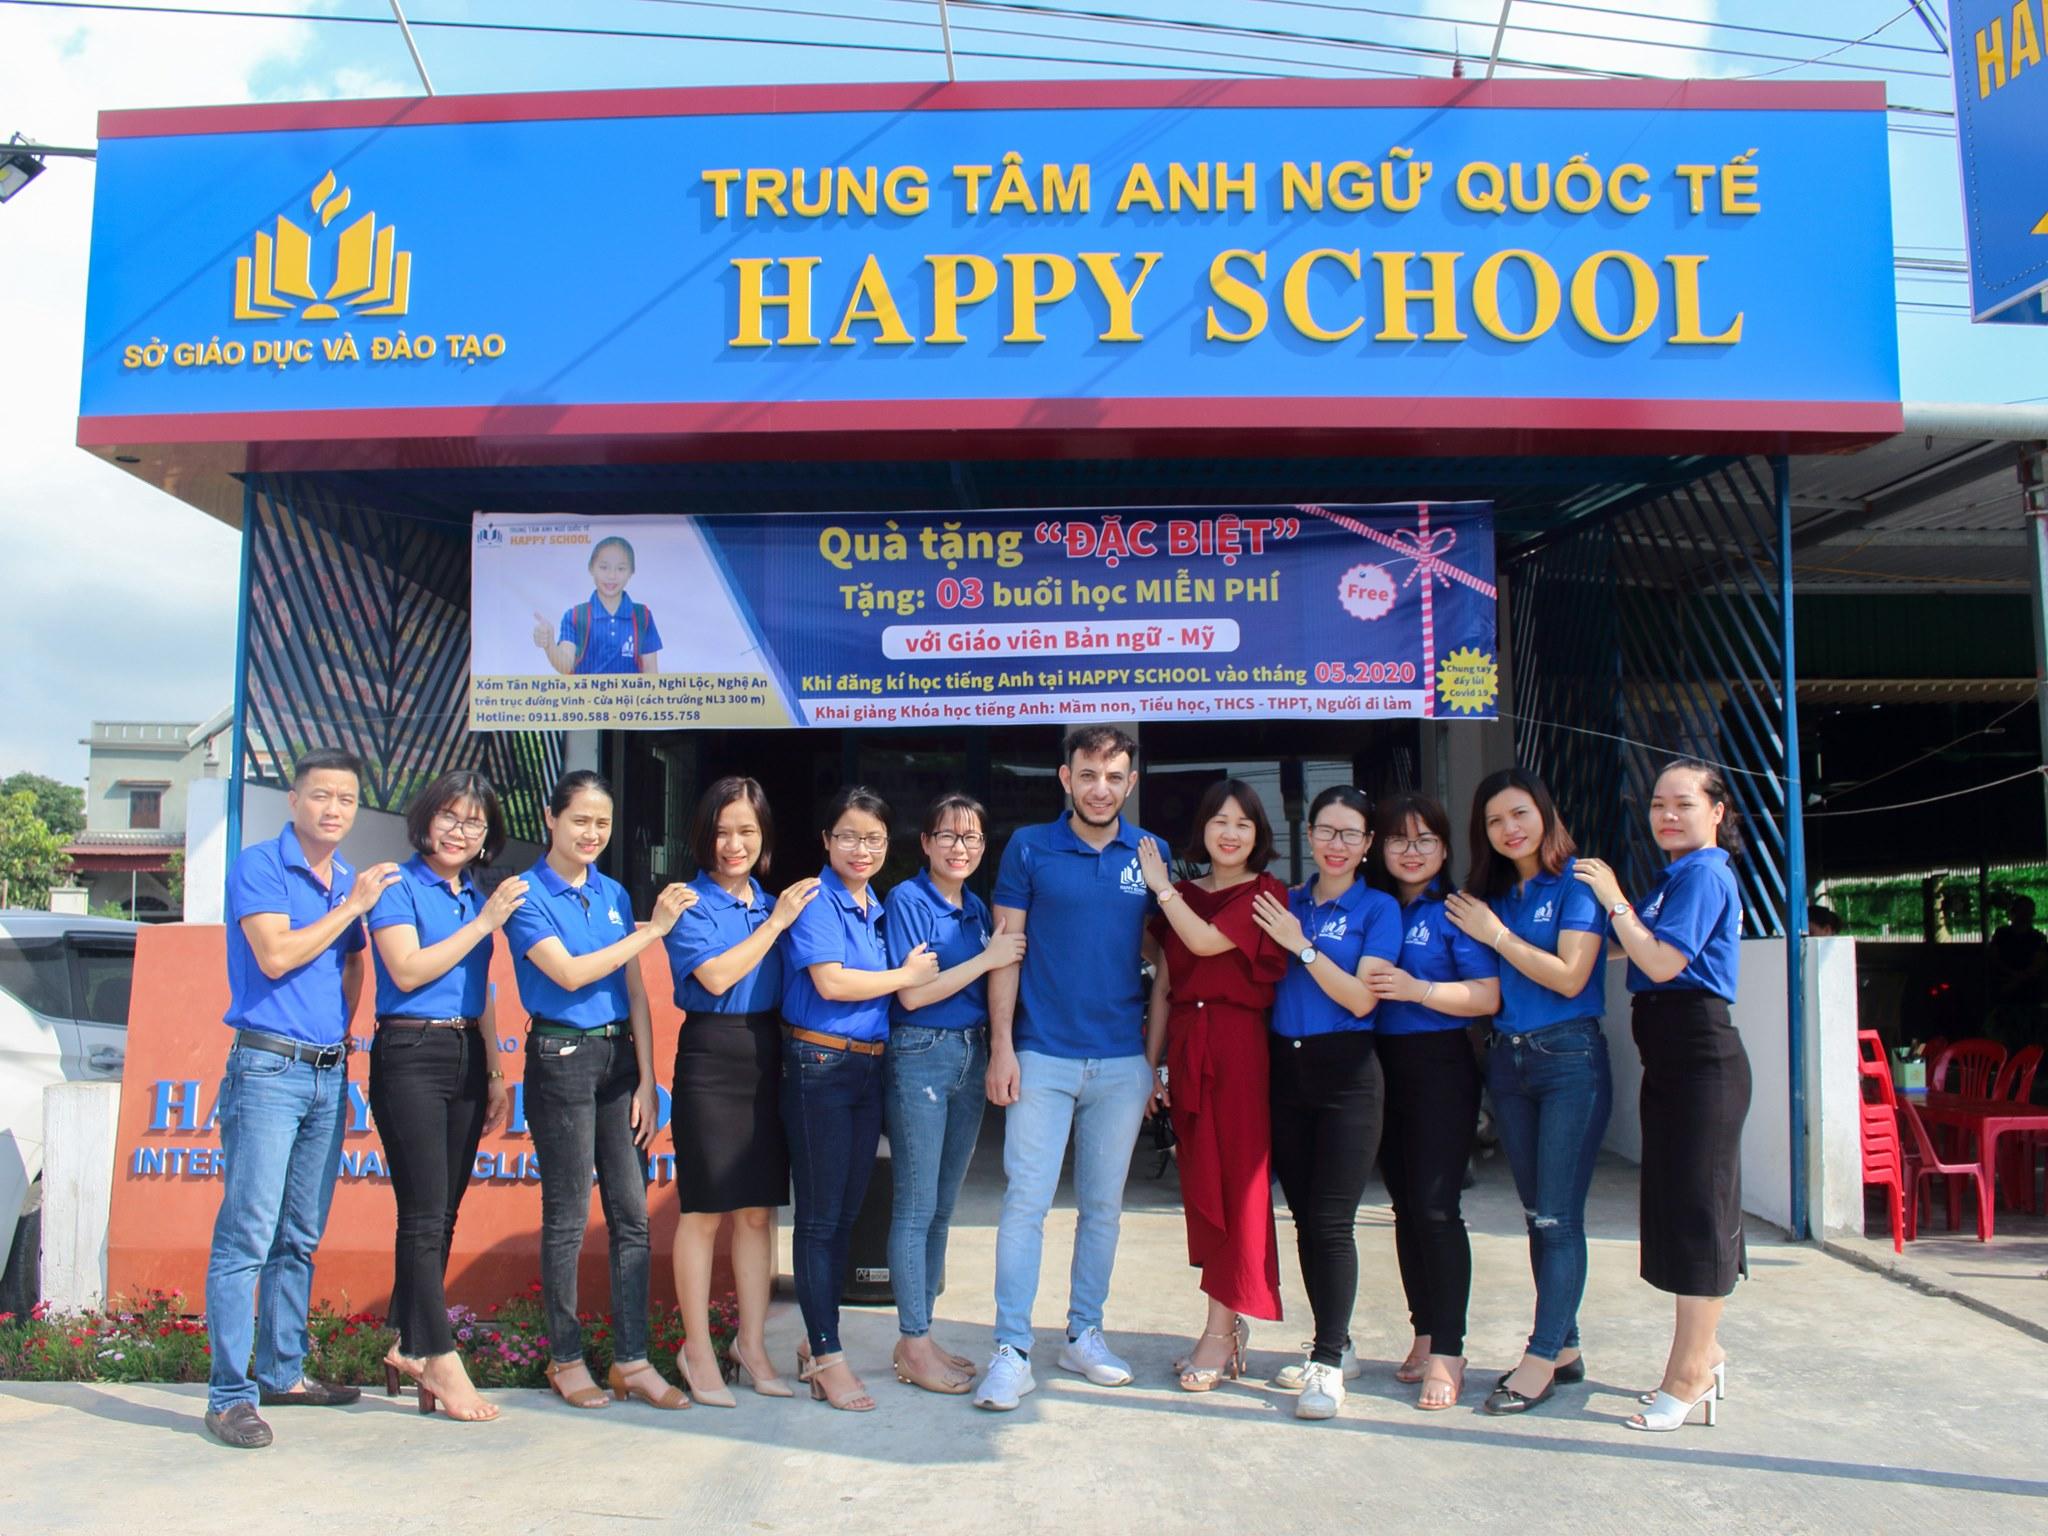 Trung tâm tiếng Anh trẻ em tại Nghị Lộc tốt nhất hiện nay